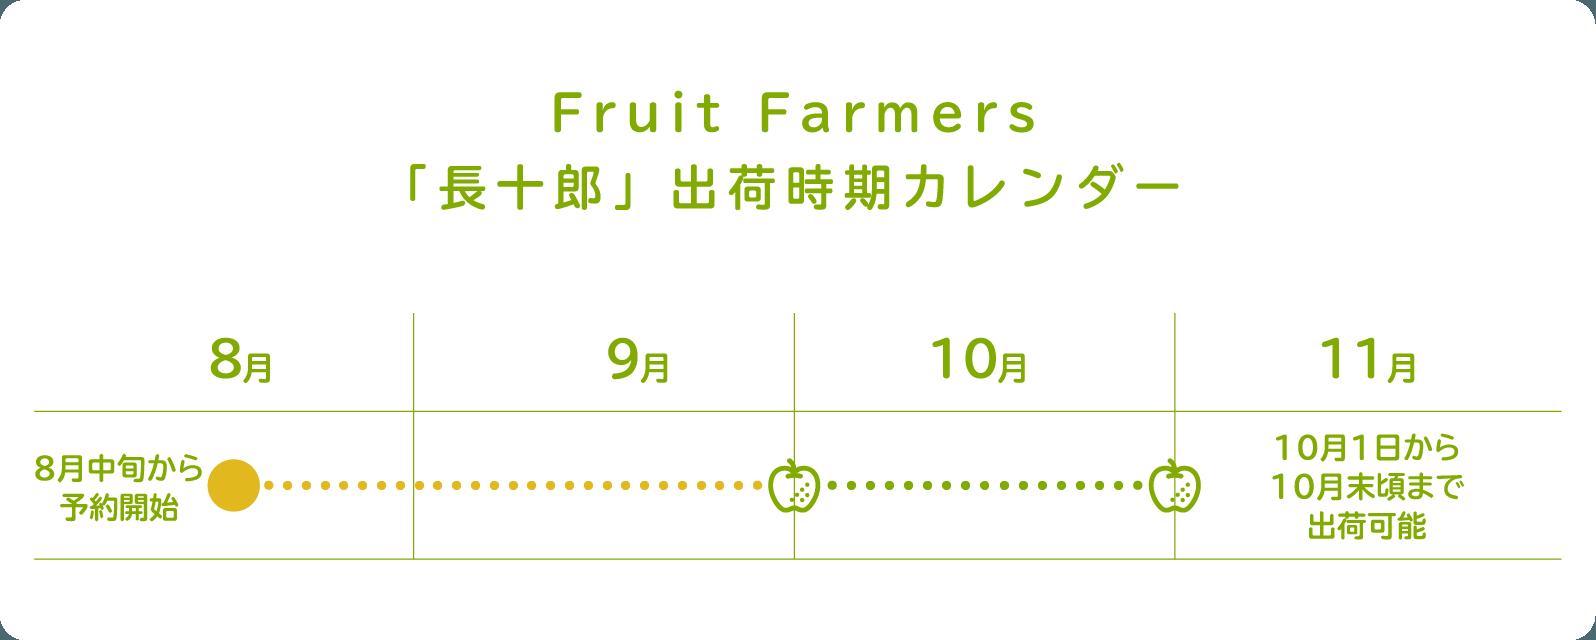 Fruit Fruit Farmers「長十郎」出荷時期カレンダー